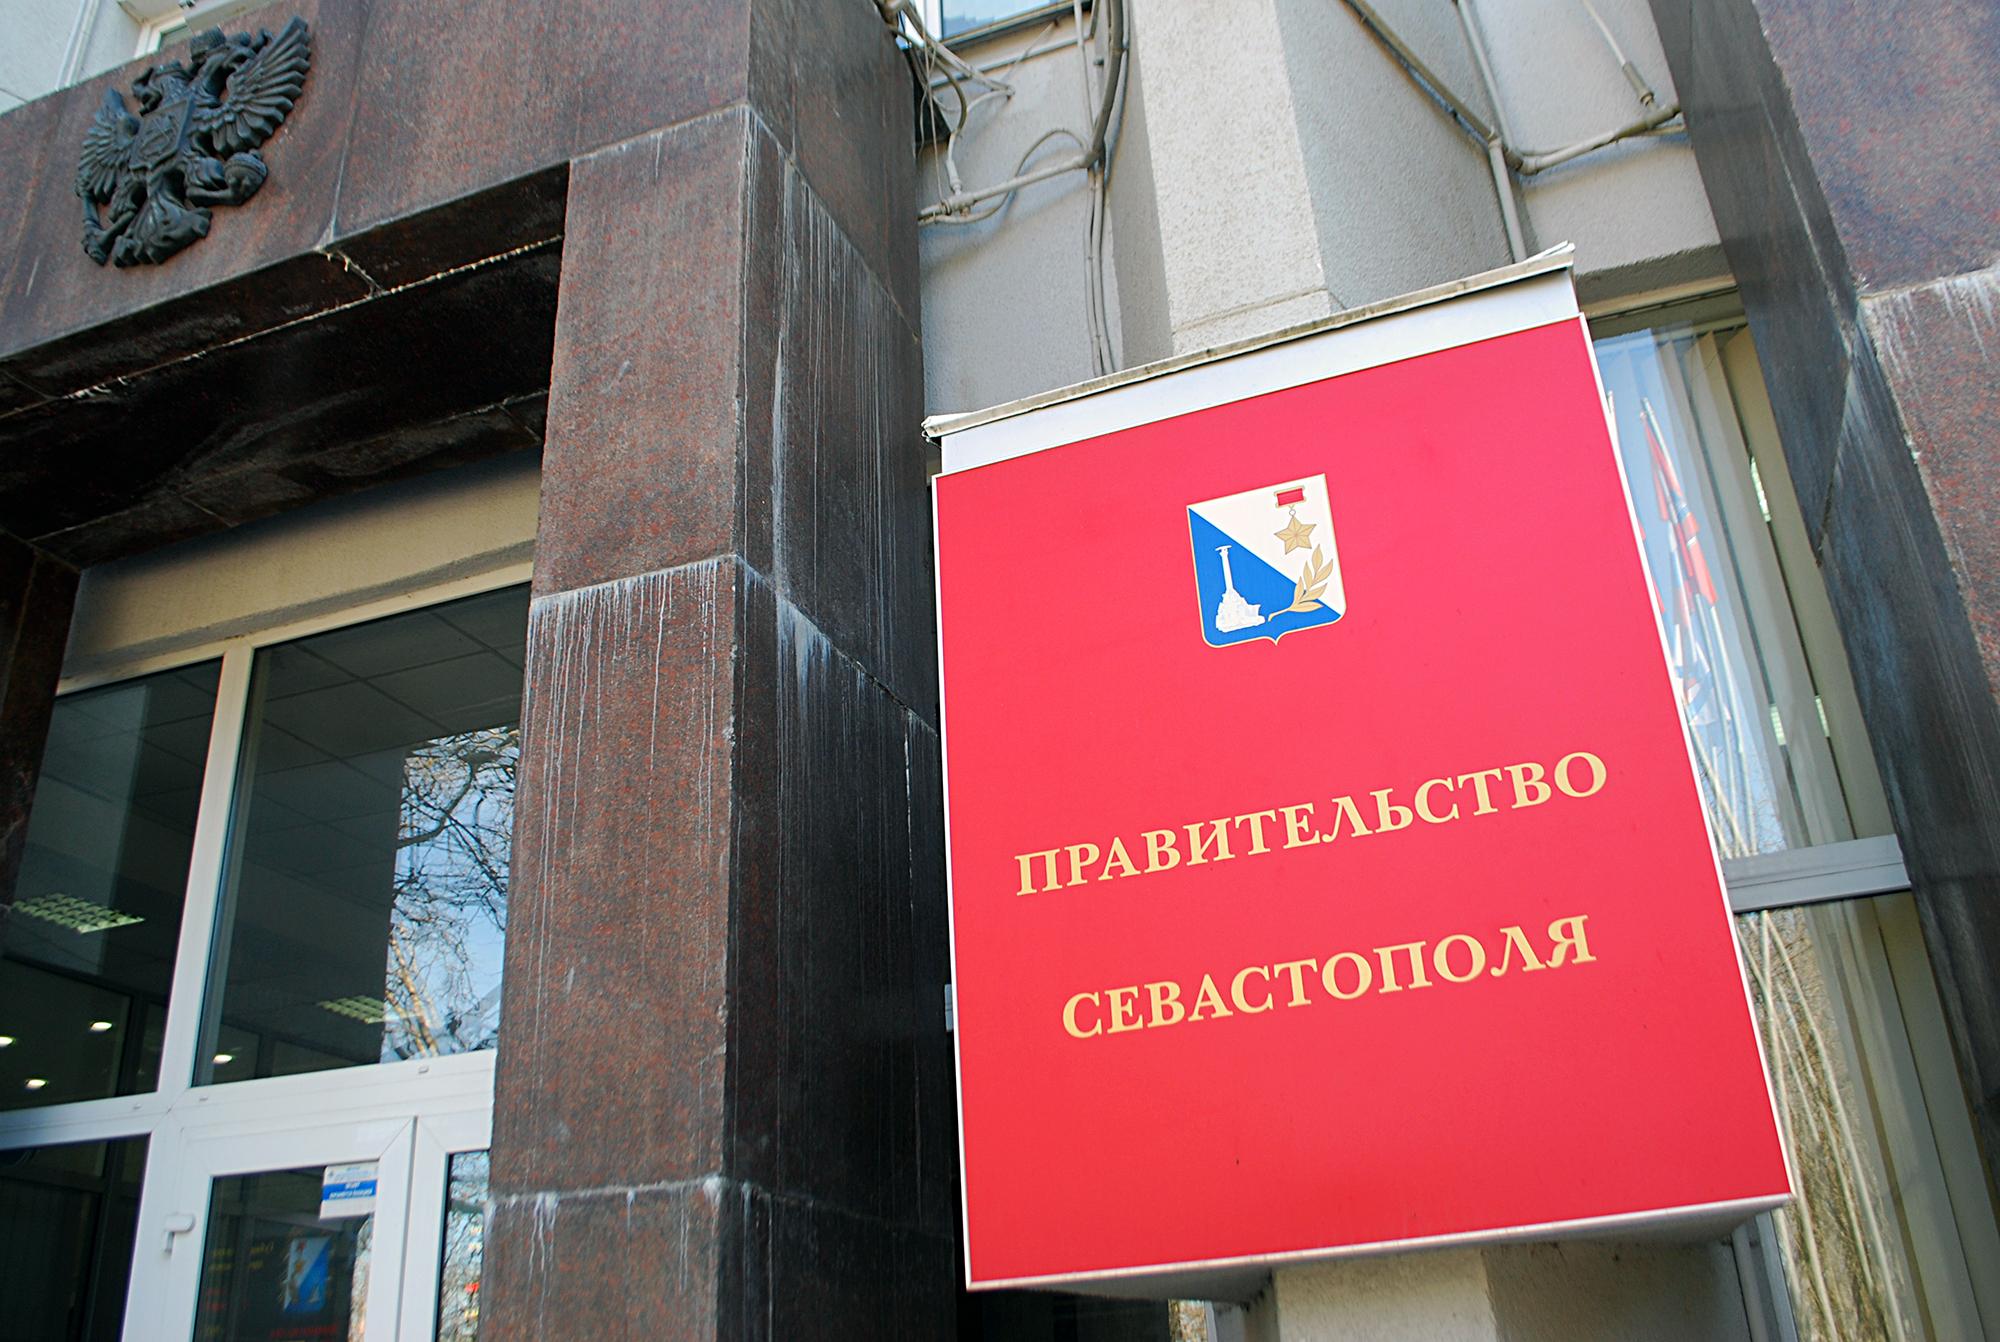 Названы имена всех кандидатов в губернаторы Севастополя